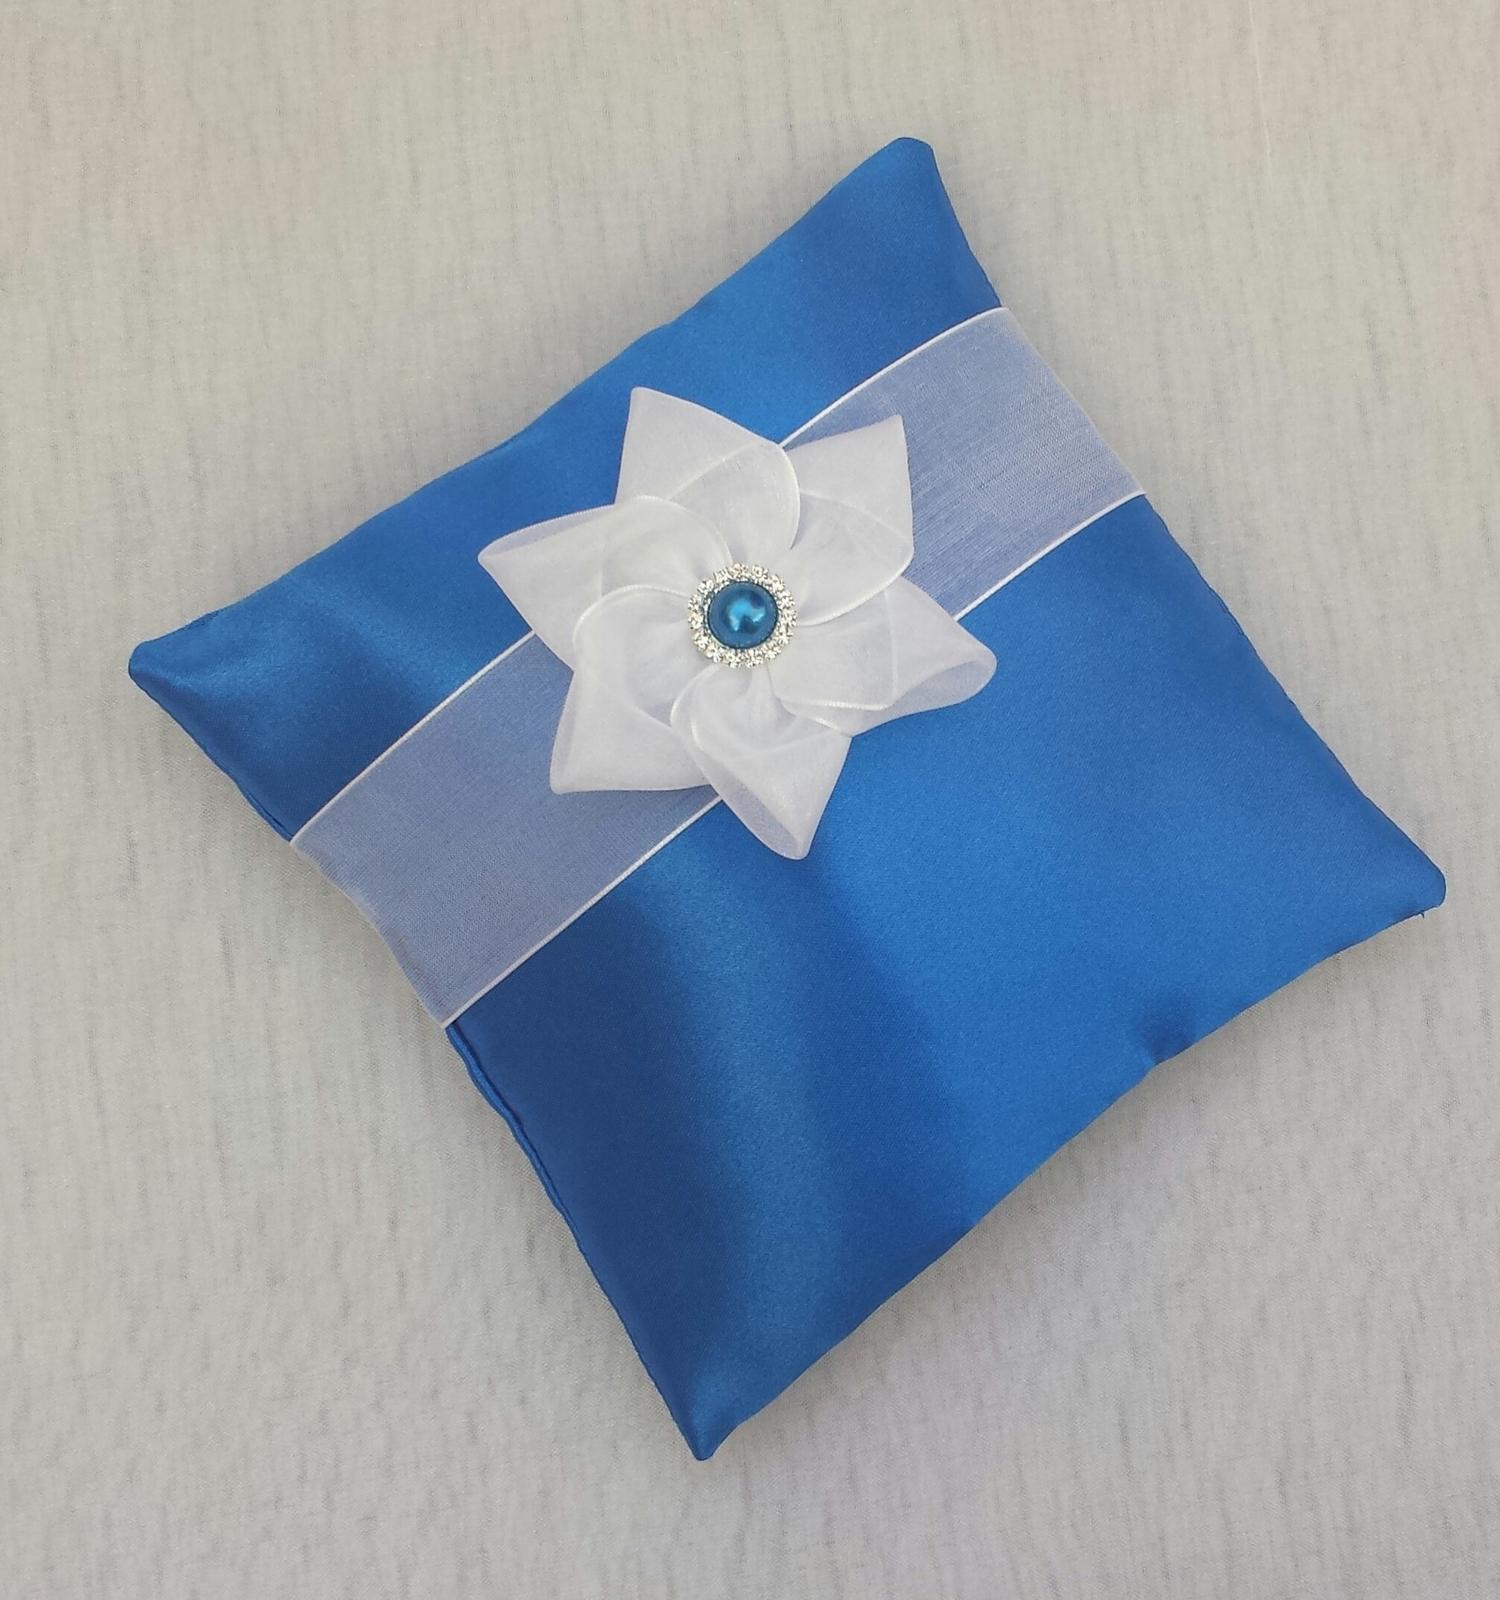 Luxusní modrý polštářek se 3 KANZASHI kvítky - Obrázek č. 1